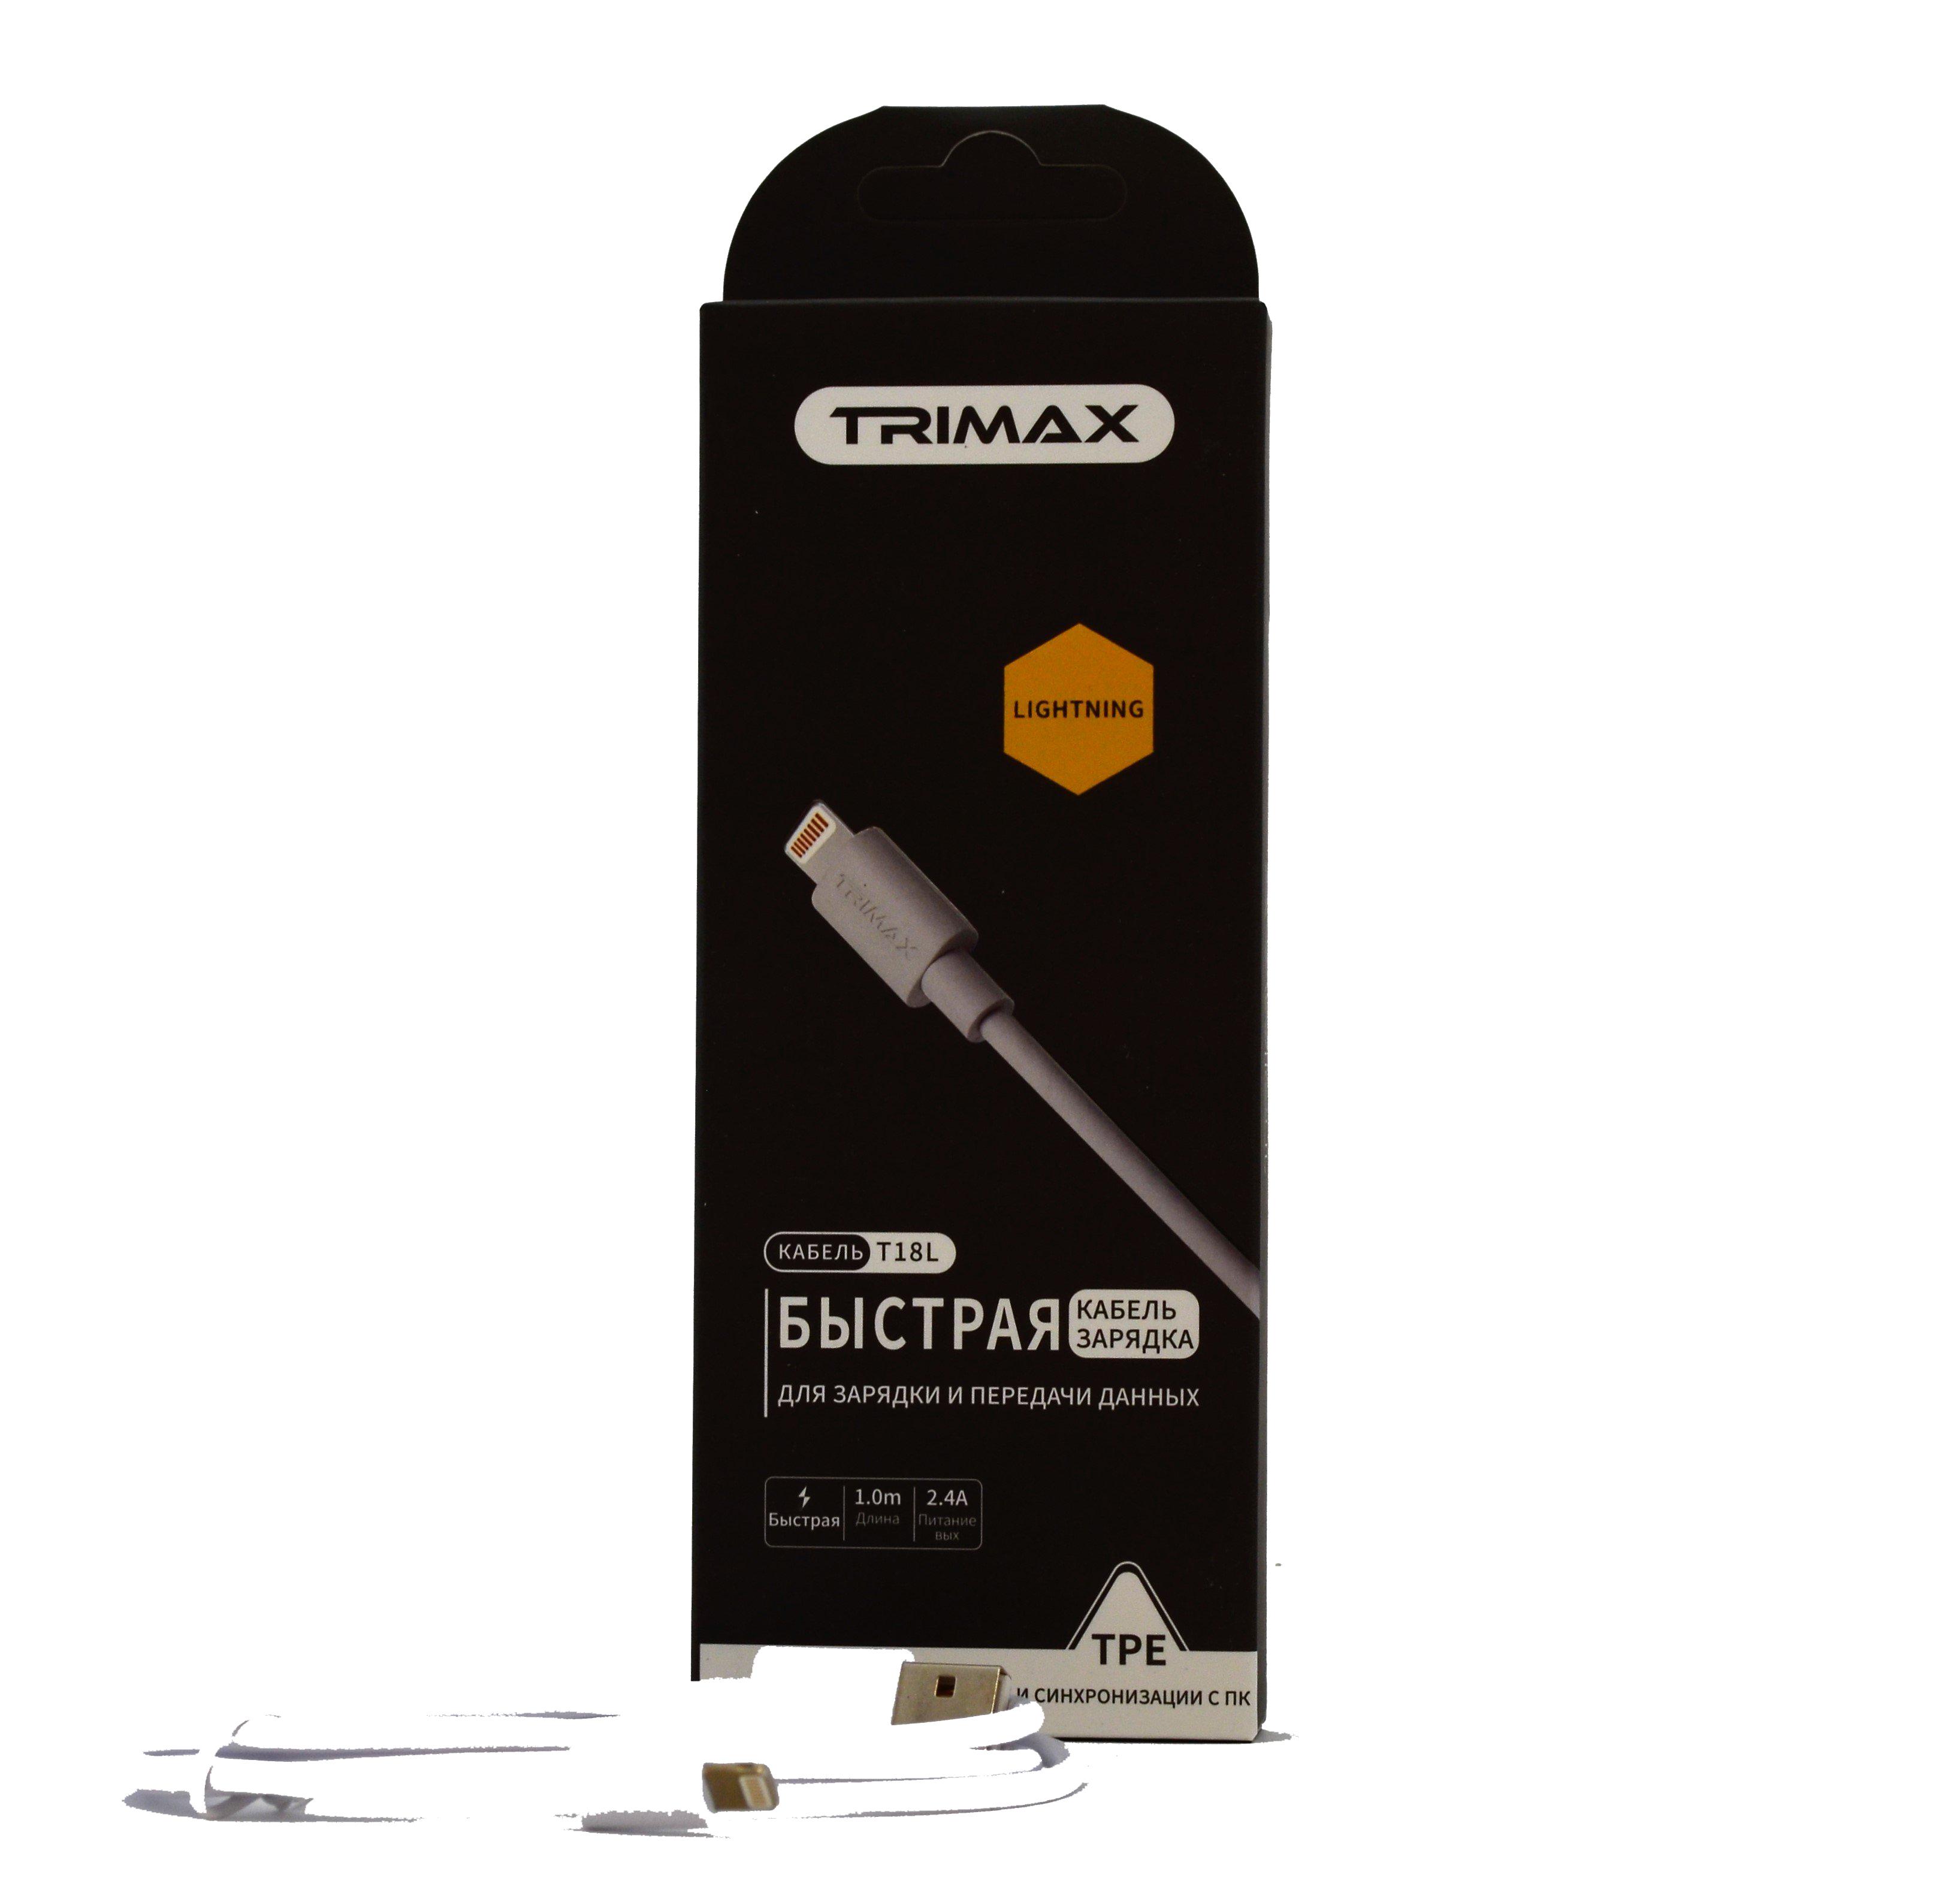 Кабель Trimax Lightning T18L 1m White